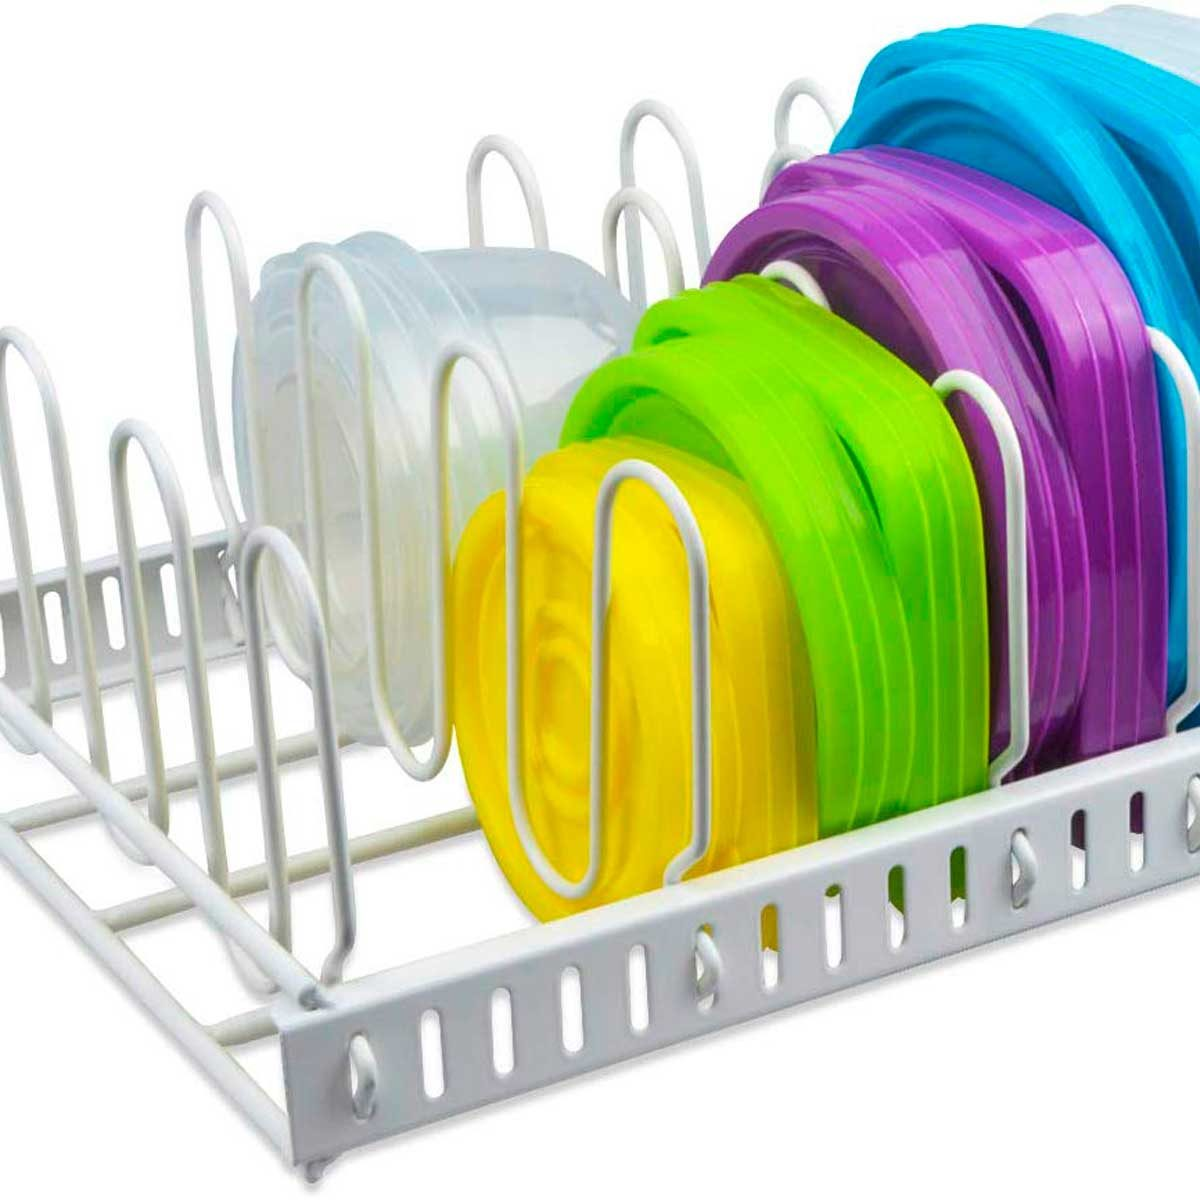 plastic container organizer